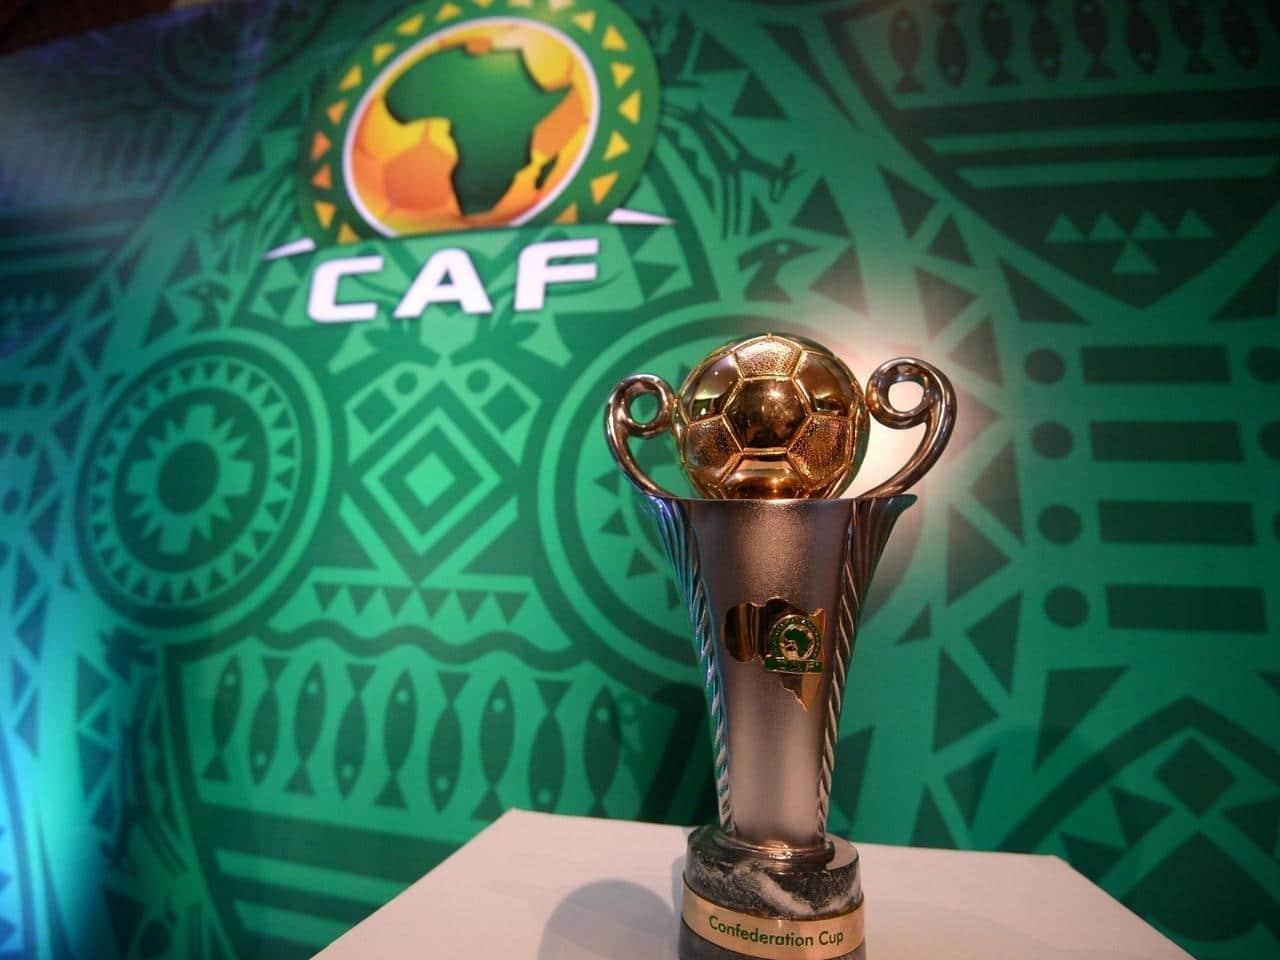 دولة عربية مرشحة لاستضافة كأس أمم أفريقيا في حال اعتذار الكاميرون